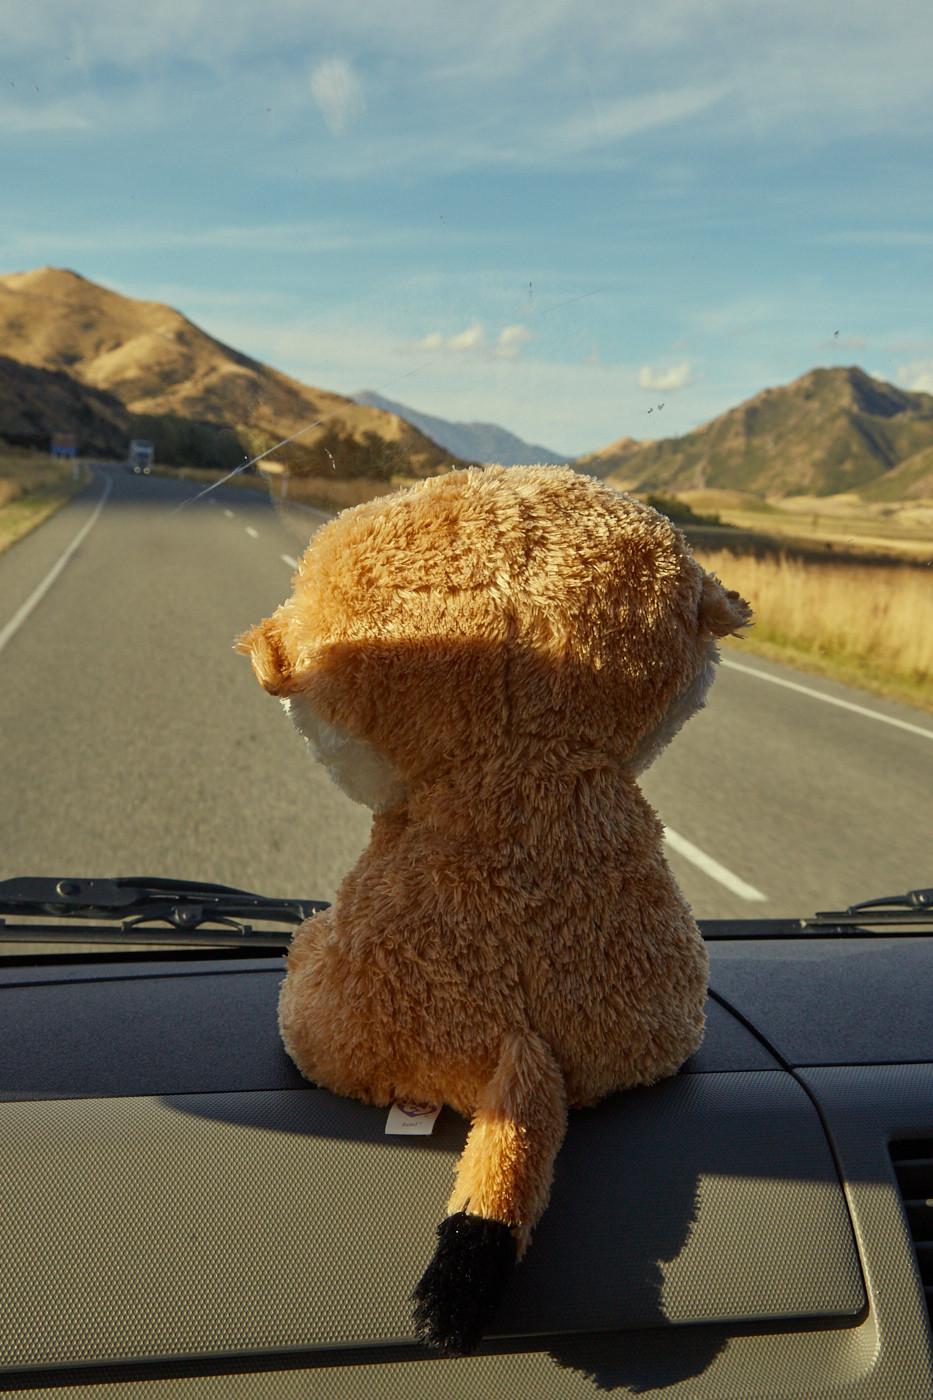 Losgestartet sind wir von Christchurch. Los geht unser Neuseeland Roadtrip